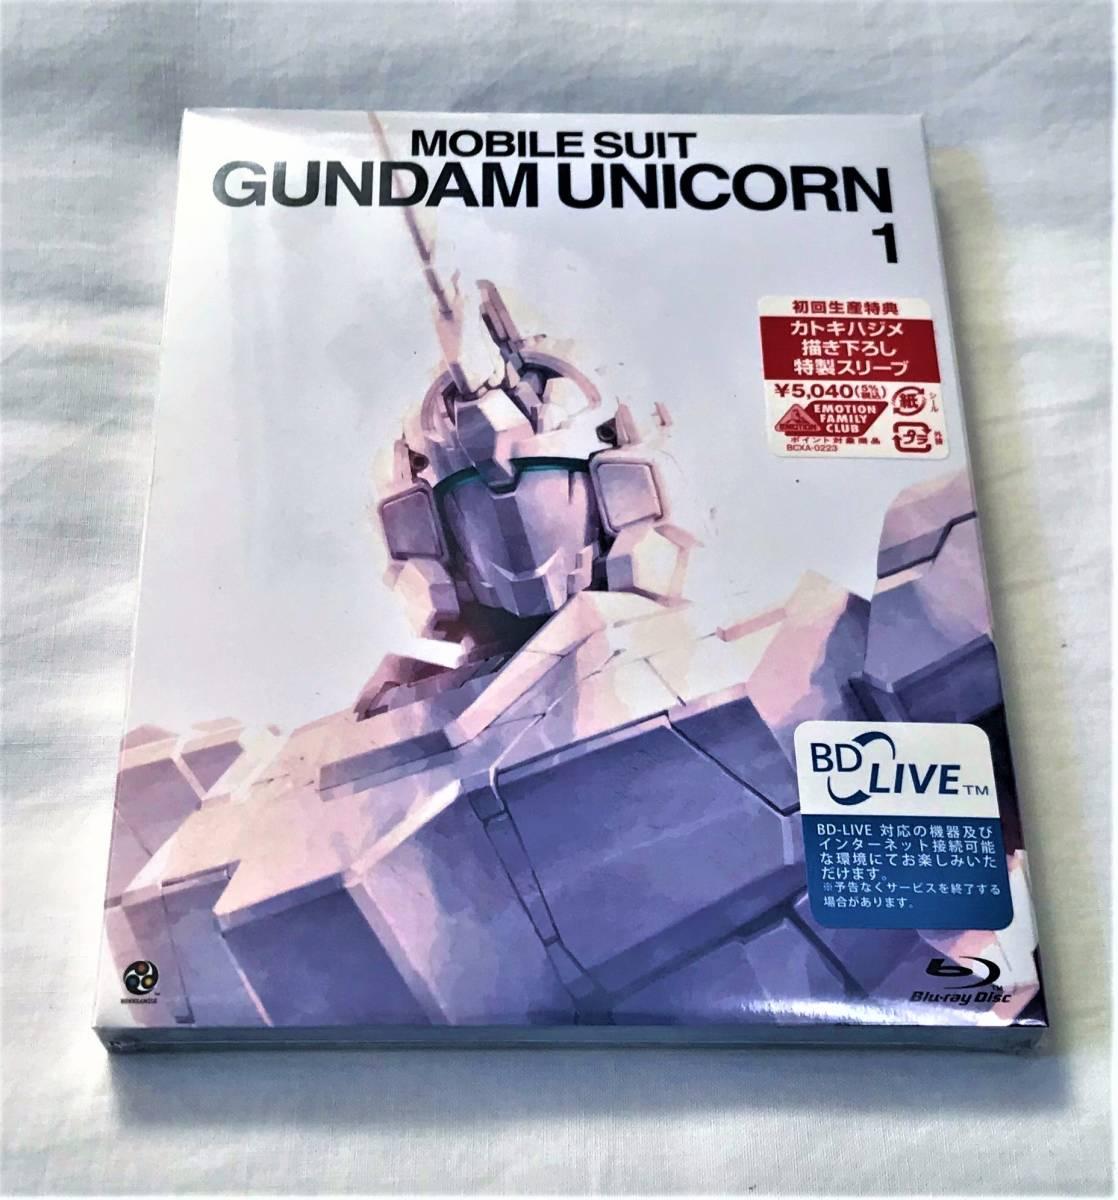 ◎新品◎ Blu-ray 機動戦士ガンダムUC 1 初回限定版  MOBILE SUIT GUNDAM UNICORN ユニコーン BD ブルーレイ_スループ外側のフィルムから未開封です。